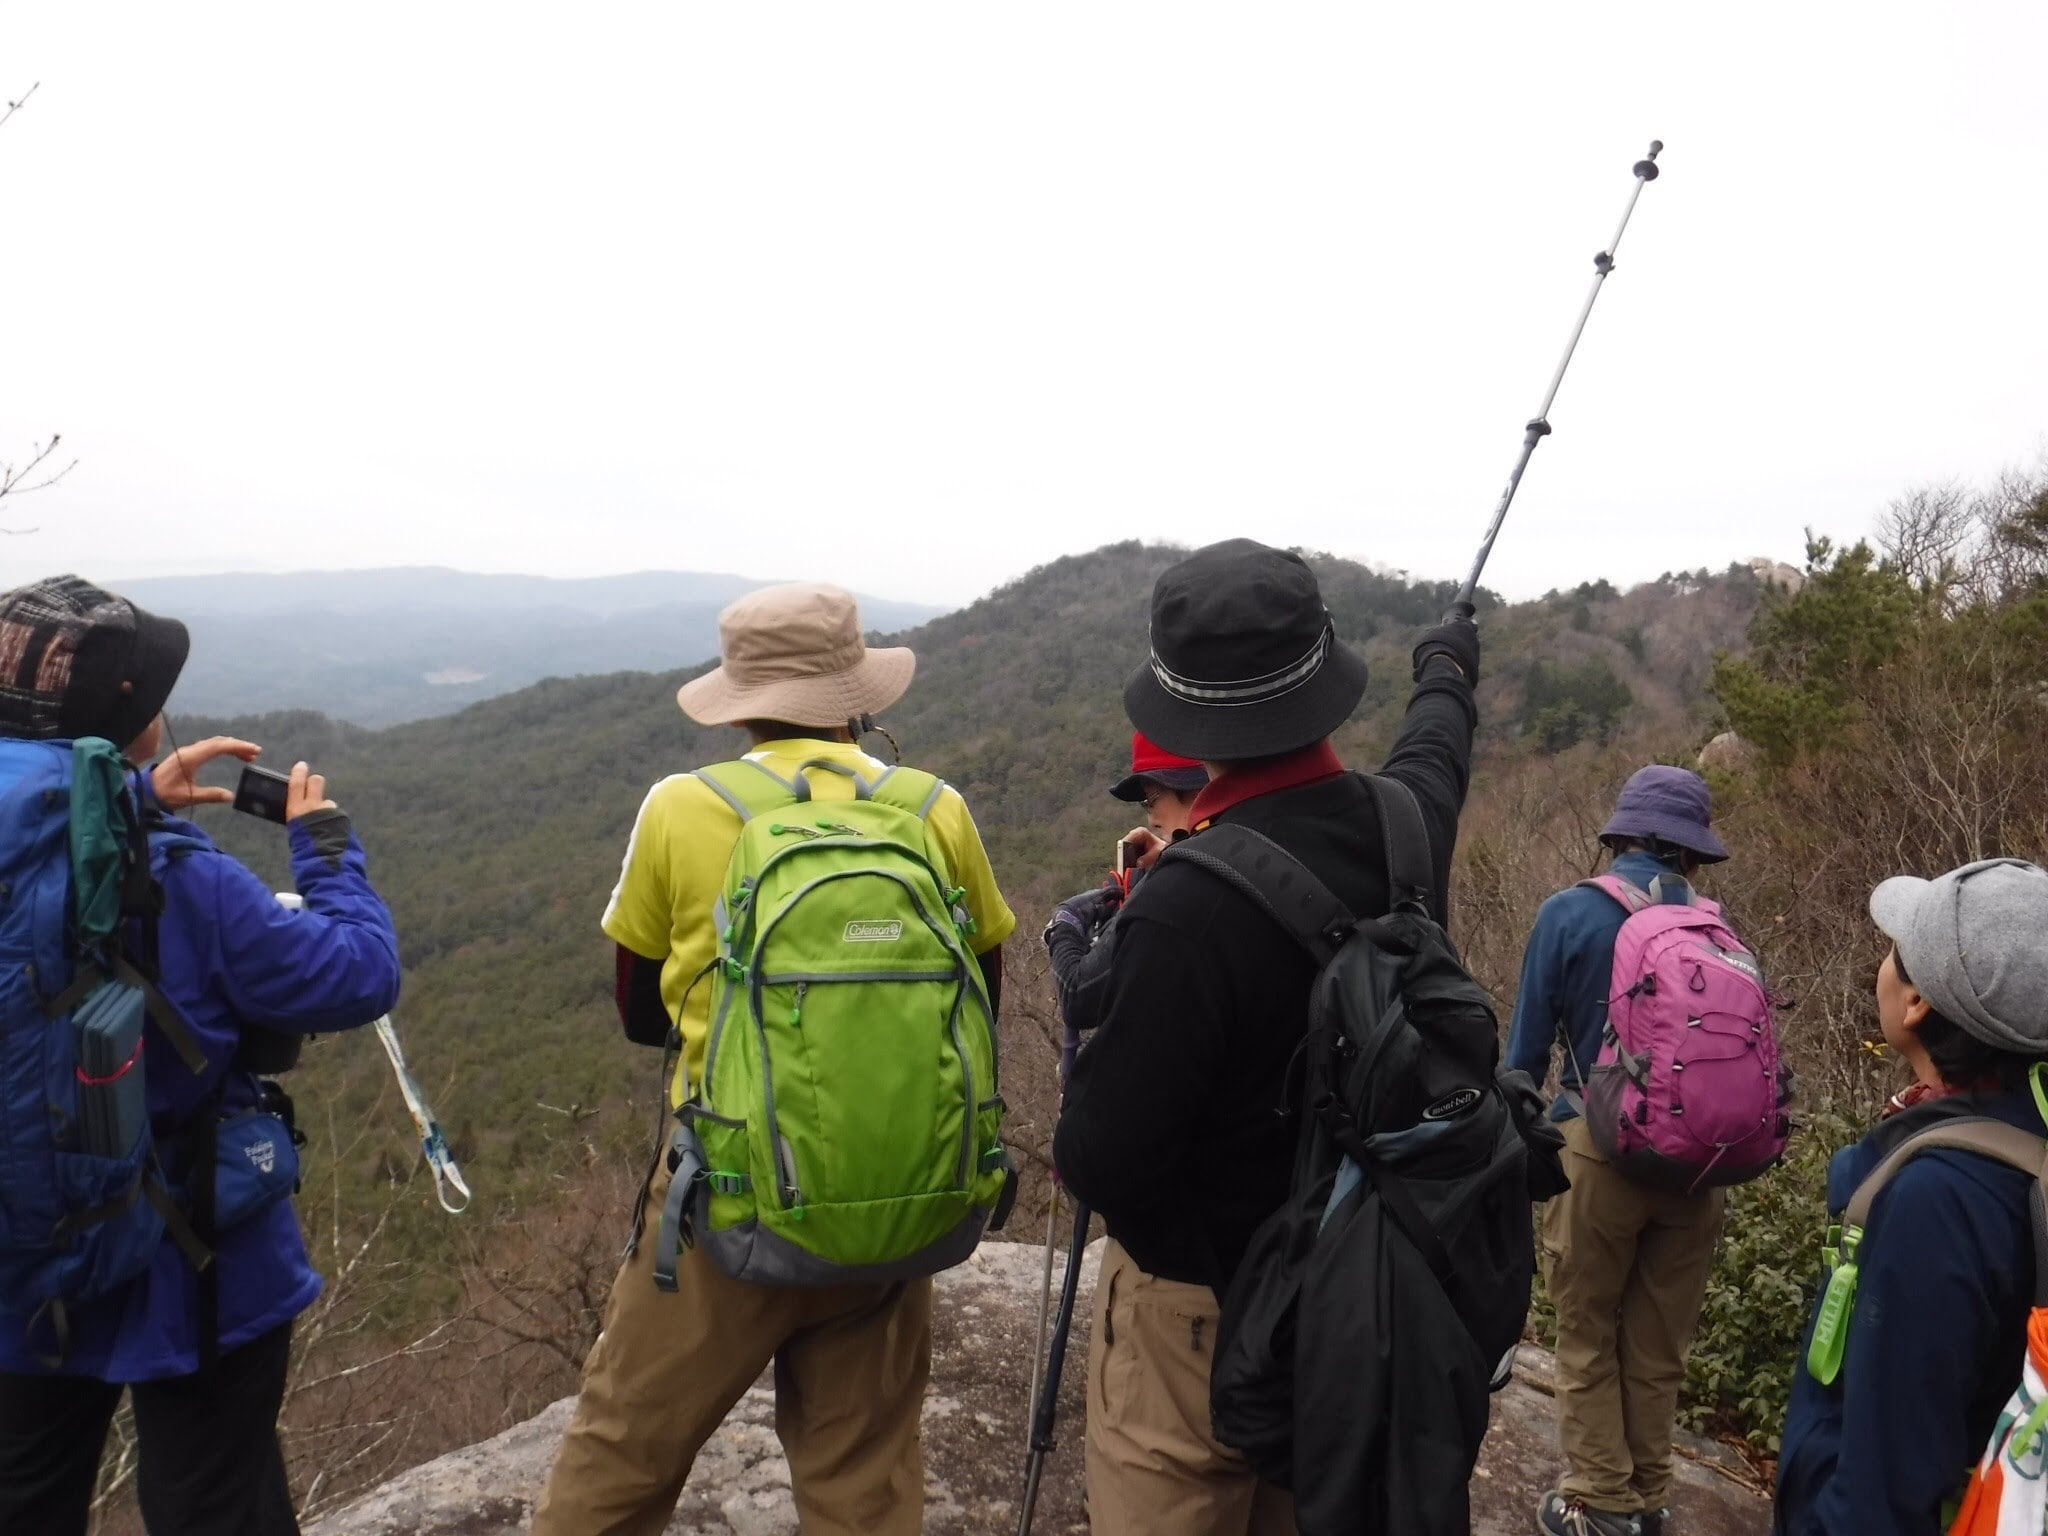 広島里山横あるき「巨石の山」天神嶽5月23日日曜日のイメージその3